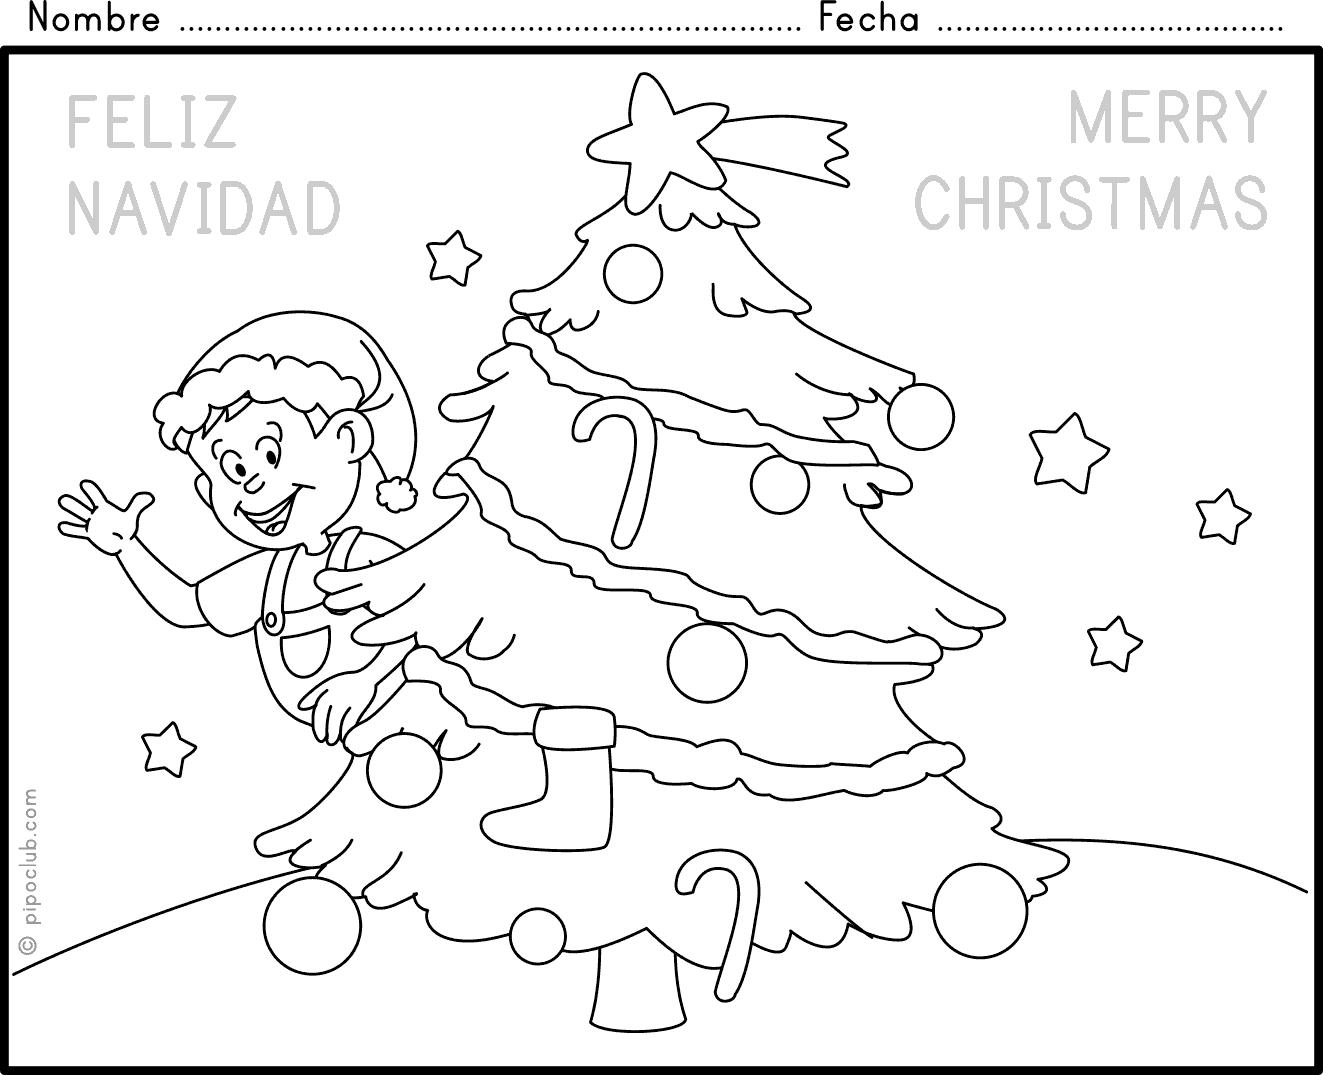 Tarjetas de Navidad para colorear, dibujos con mensajes de amor y ...